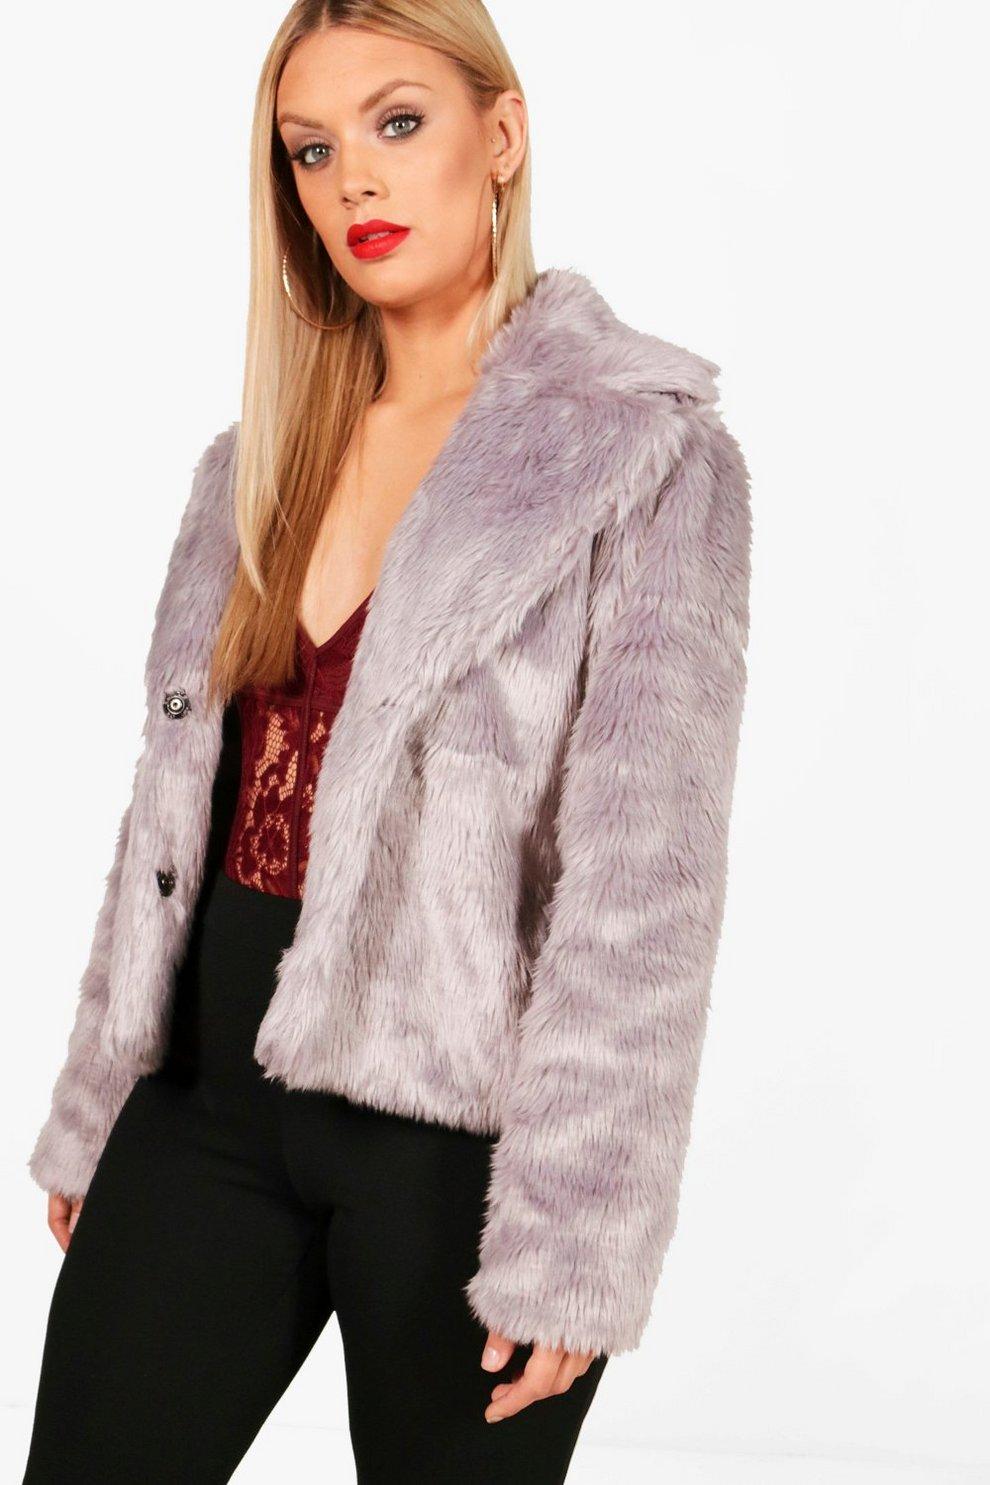 ff0d055c310c5 Plus Faux Fur Coat